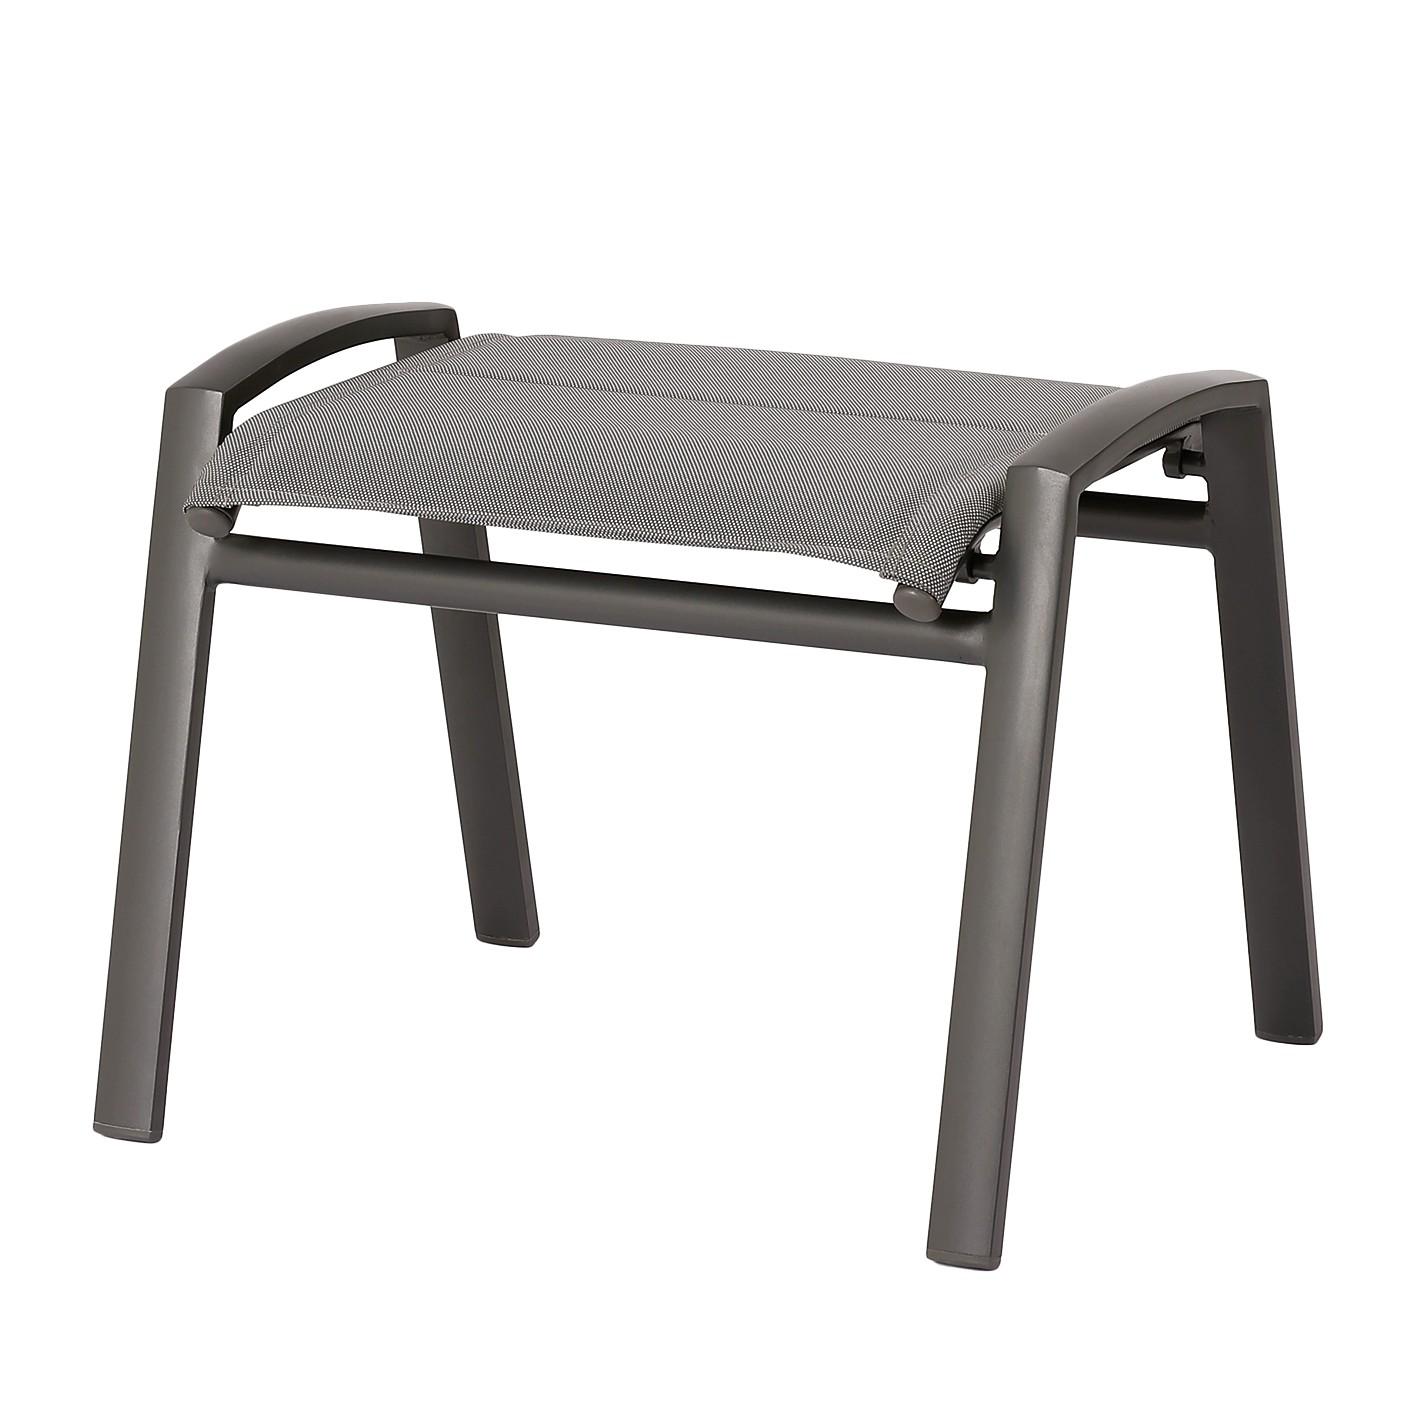 Hocker Varese Relax - Kunststoff / Aluminium - Anthrazit, Best Freizeitmöbel